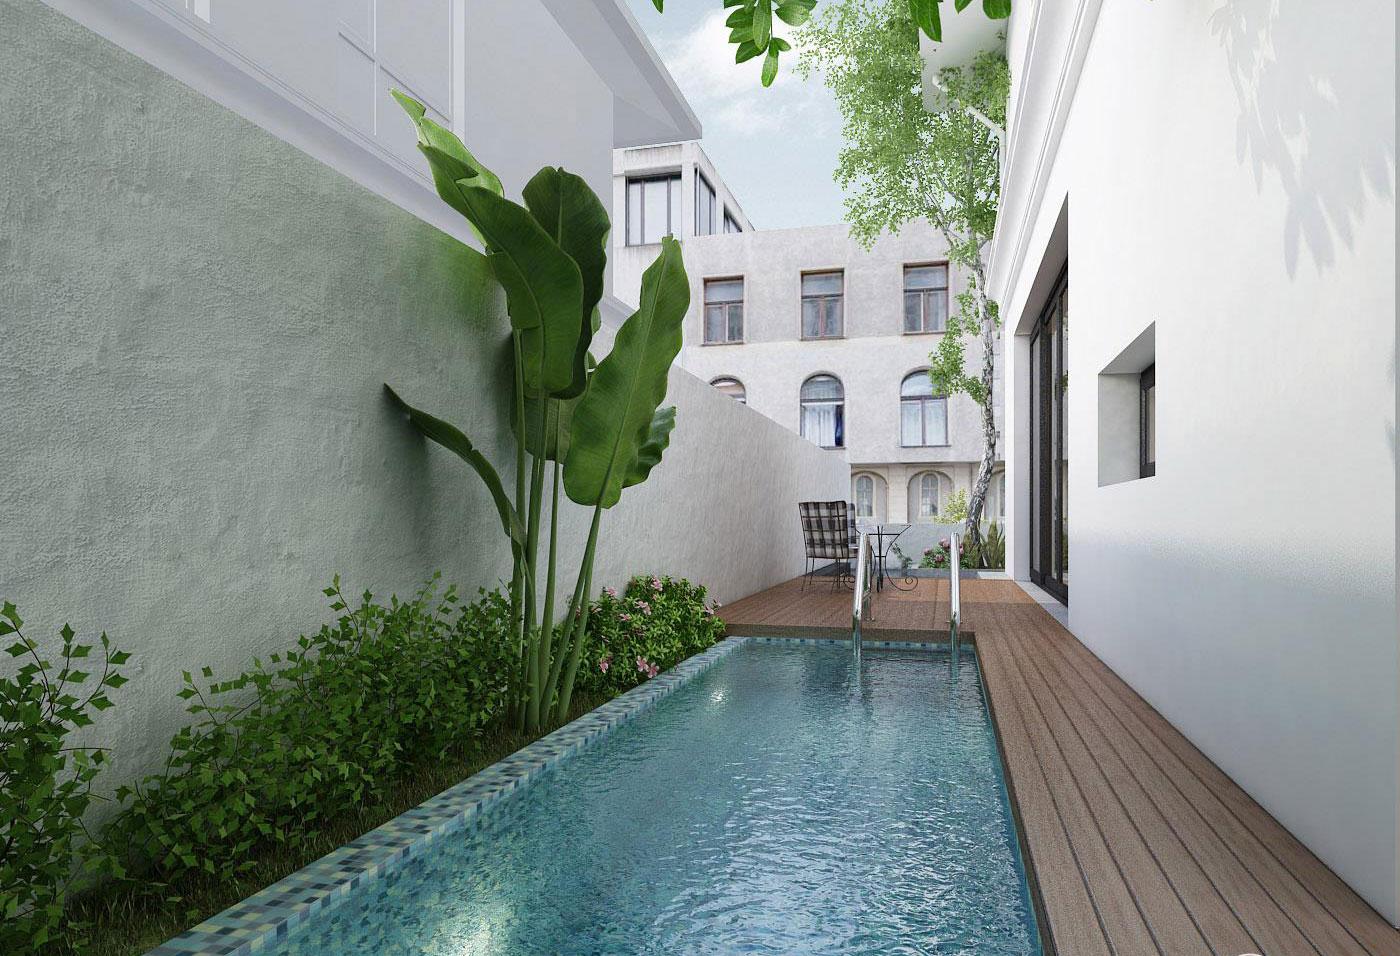 Bể bơi nằm bên hông nhà